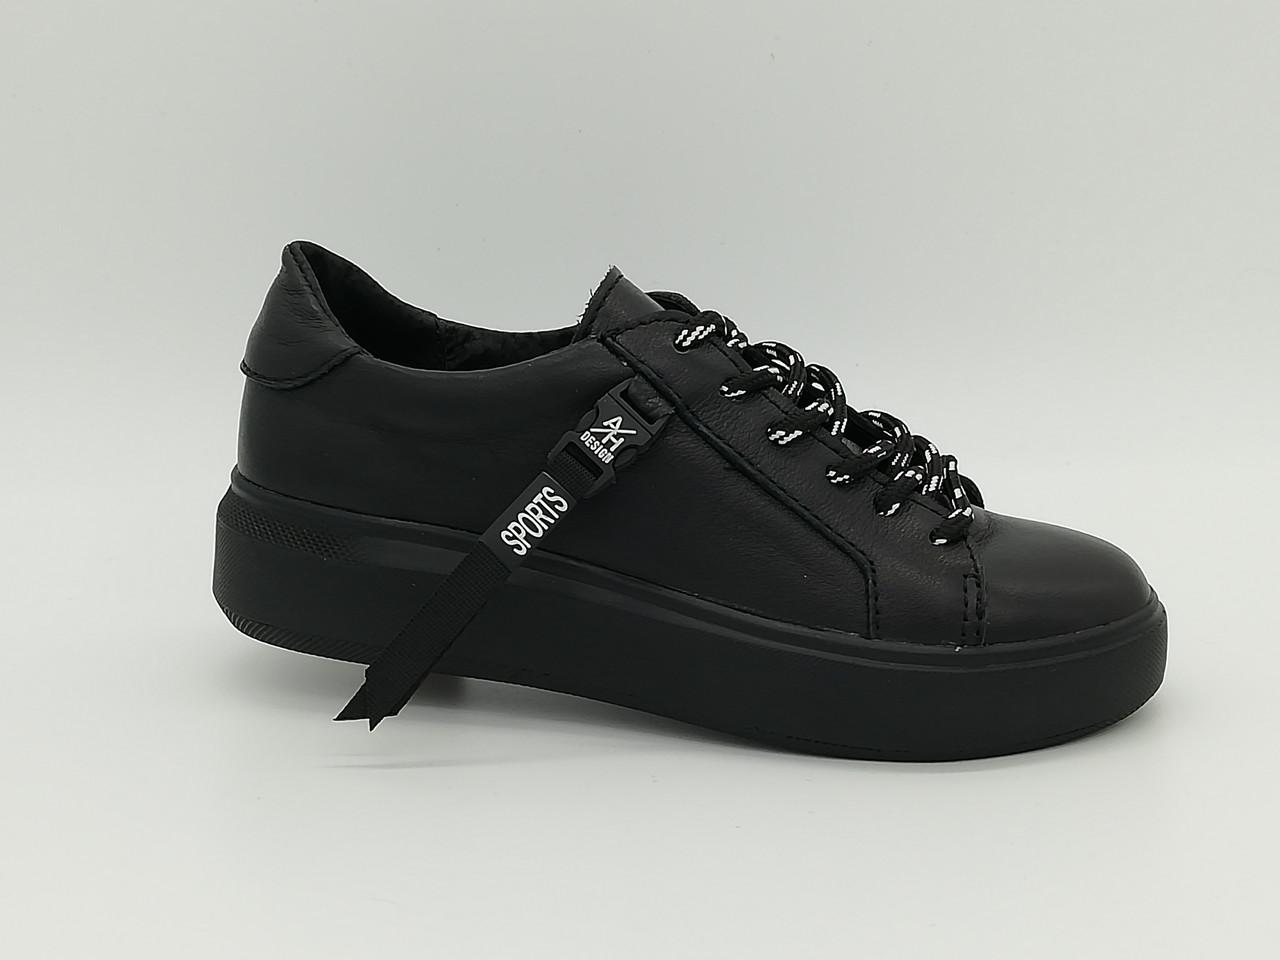 Черные кроссовки. Маленькие размеры ( 33 - 35 ). Украина.